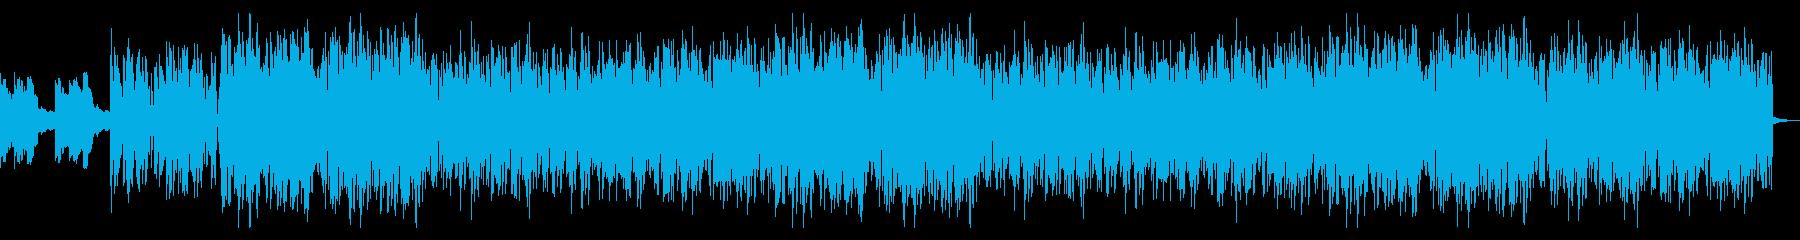 切ない旋律のHiphopの再生済みの波形